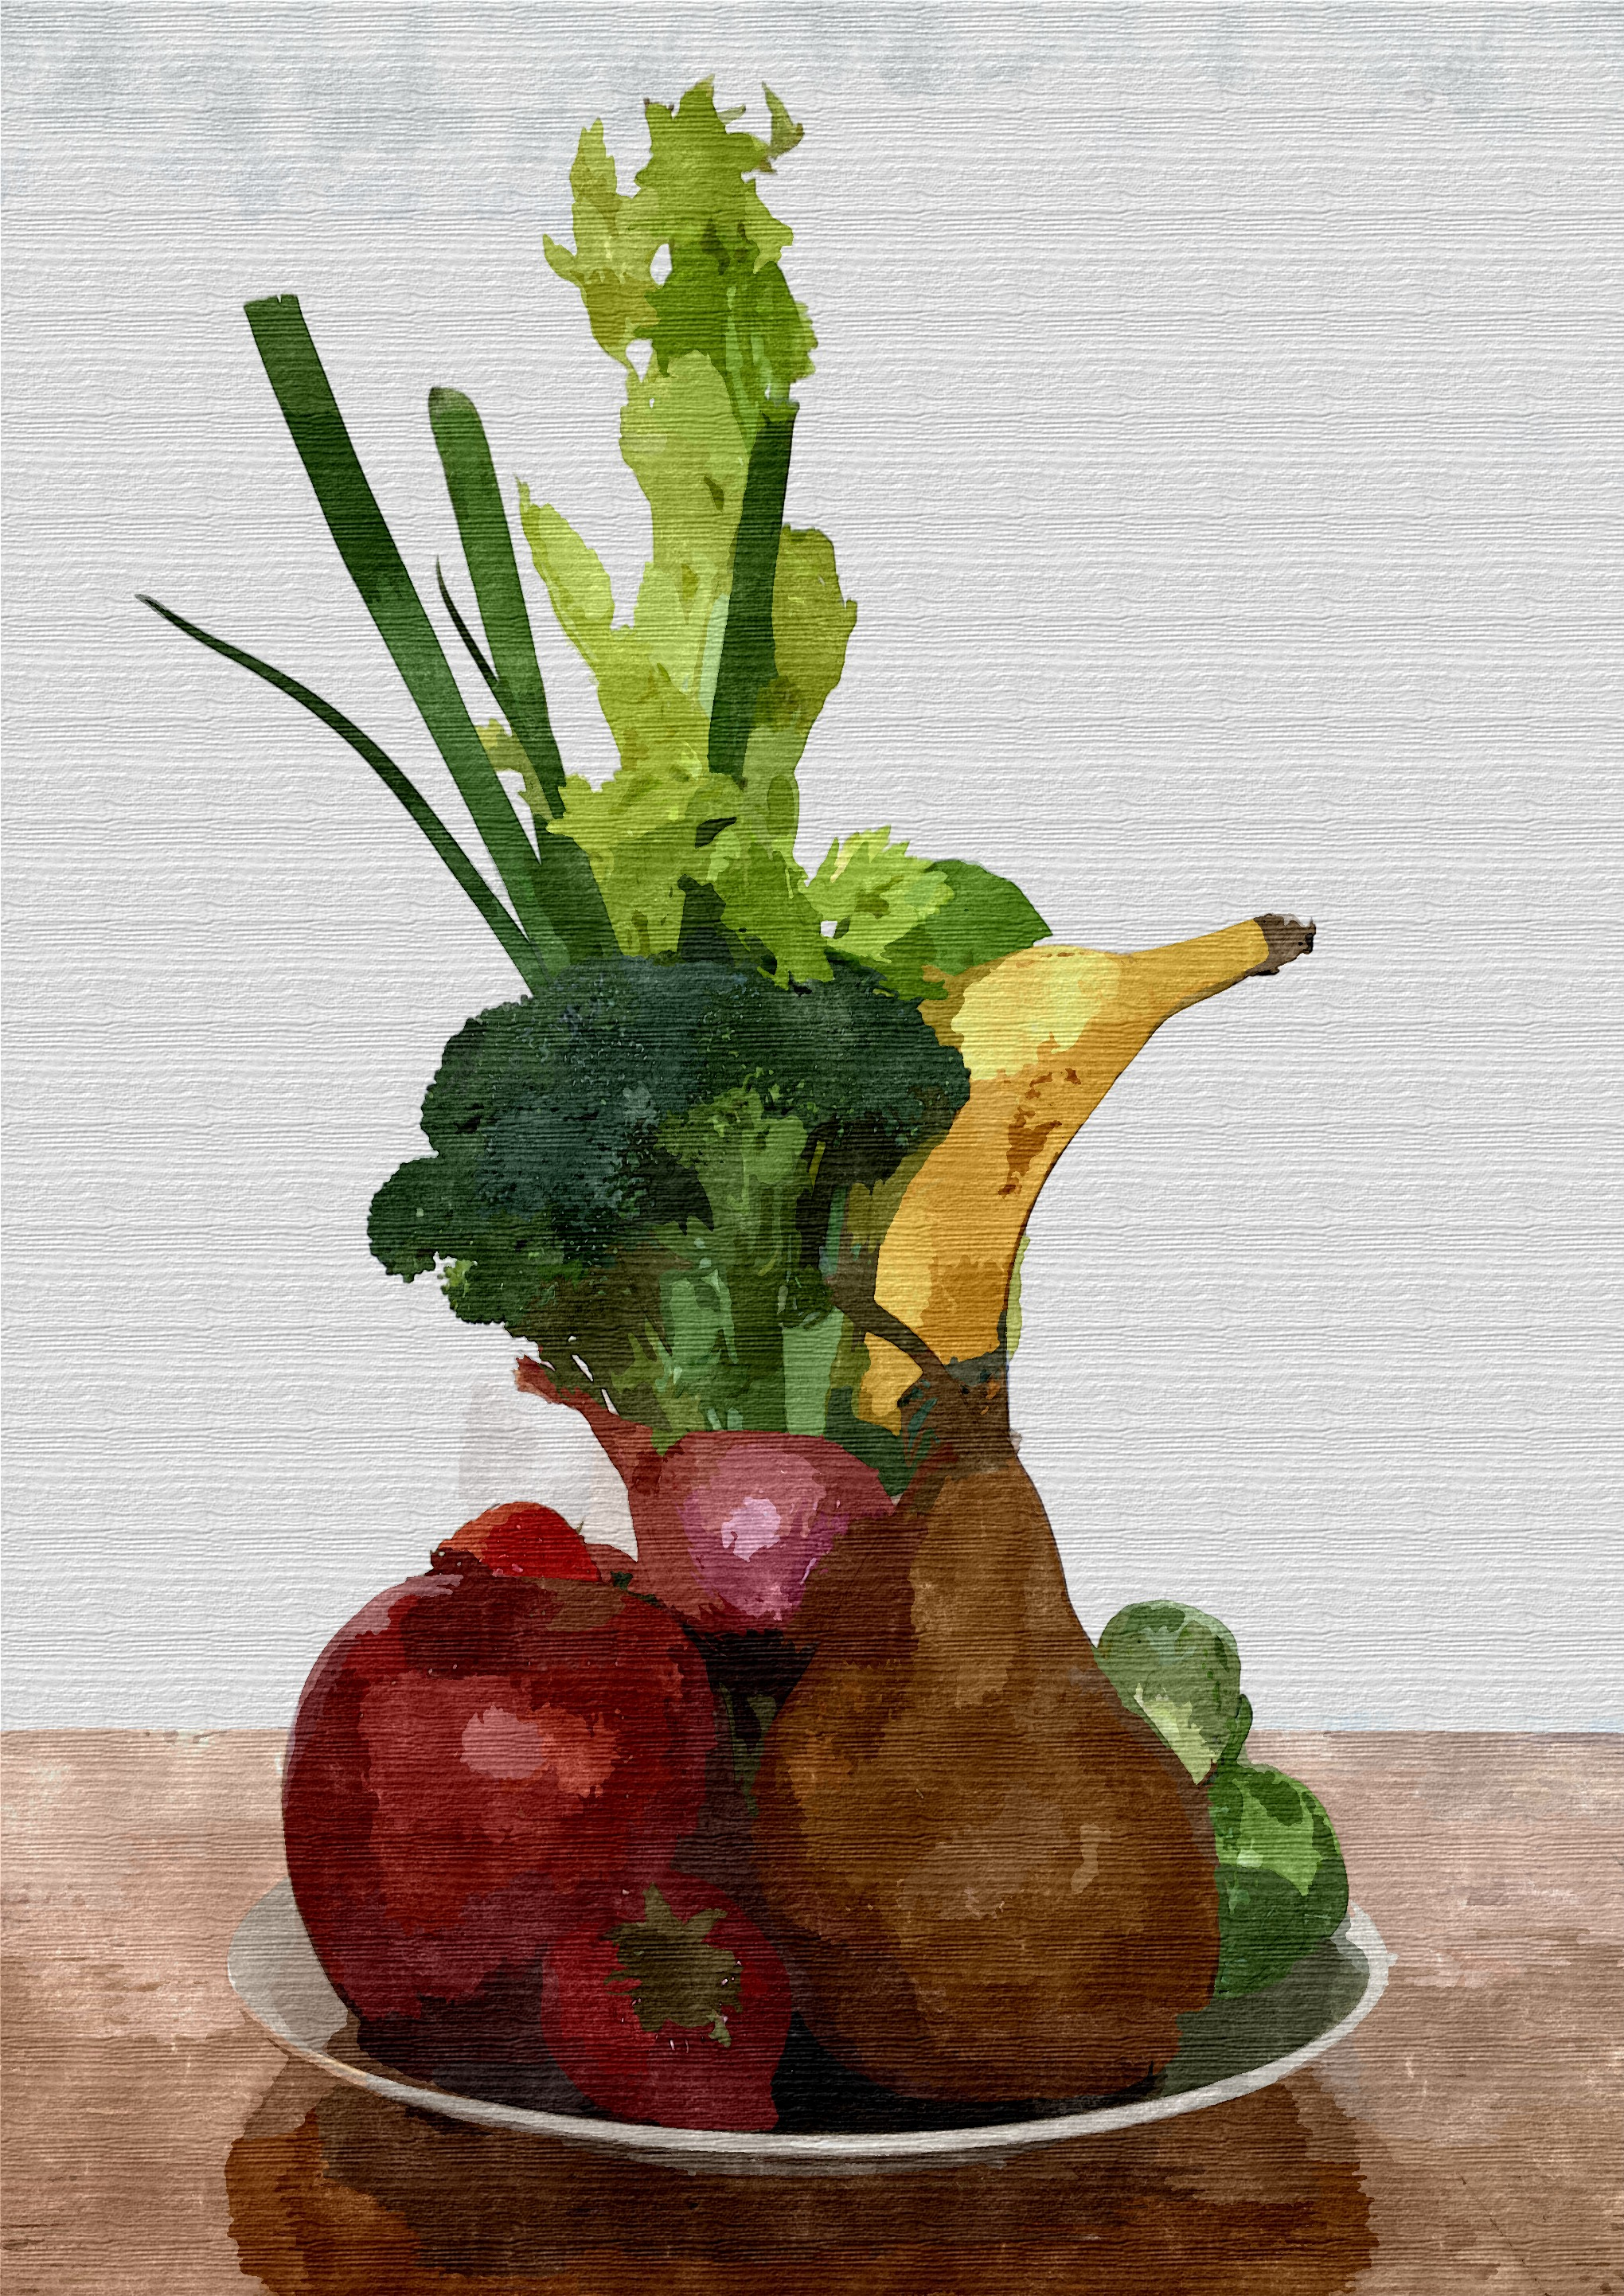 Fruit n' Veg